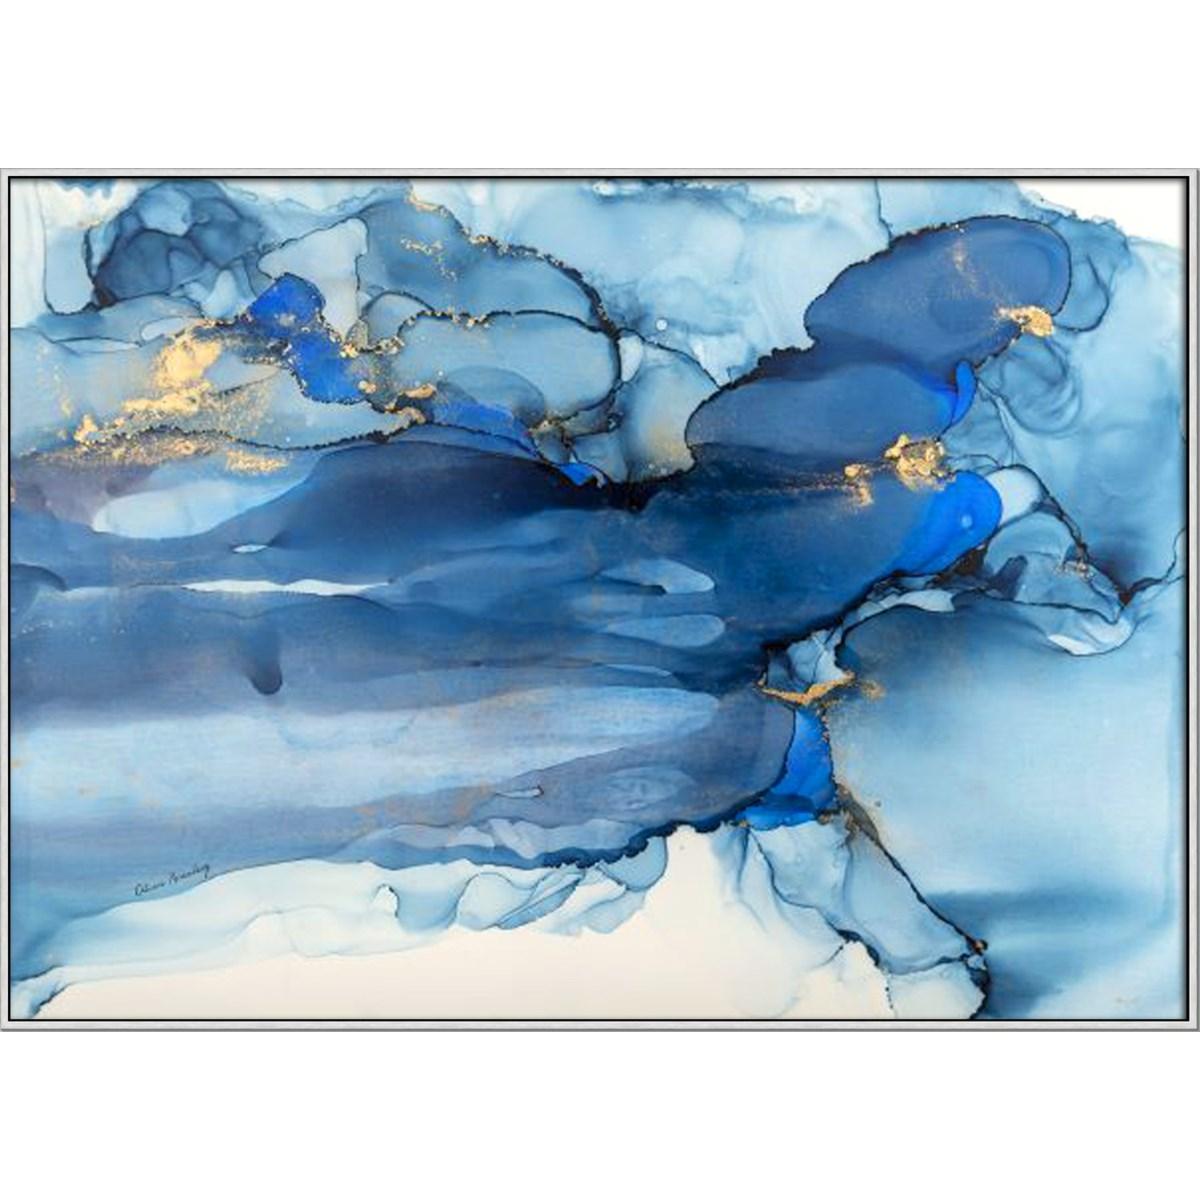 OCEAN BLUE - HIGH GLOSS (framed)